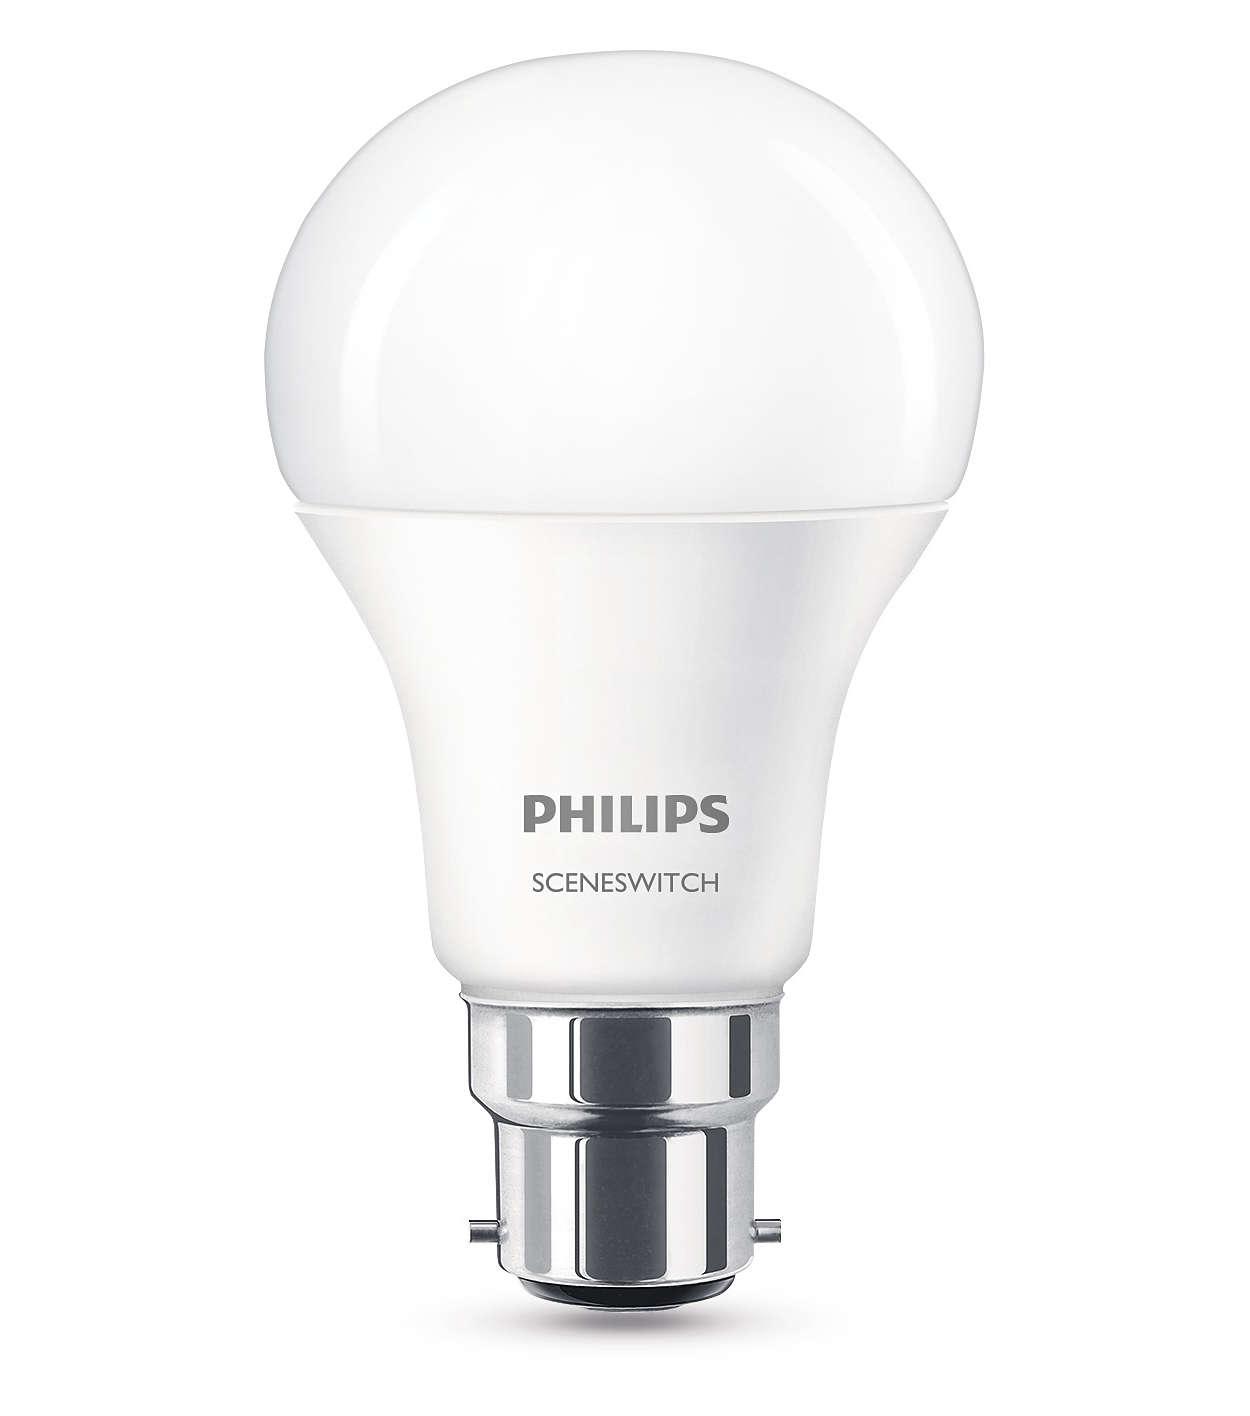 Przełączanie ustawień oświetlenia bez wymiany żarówki